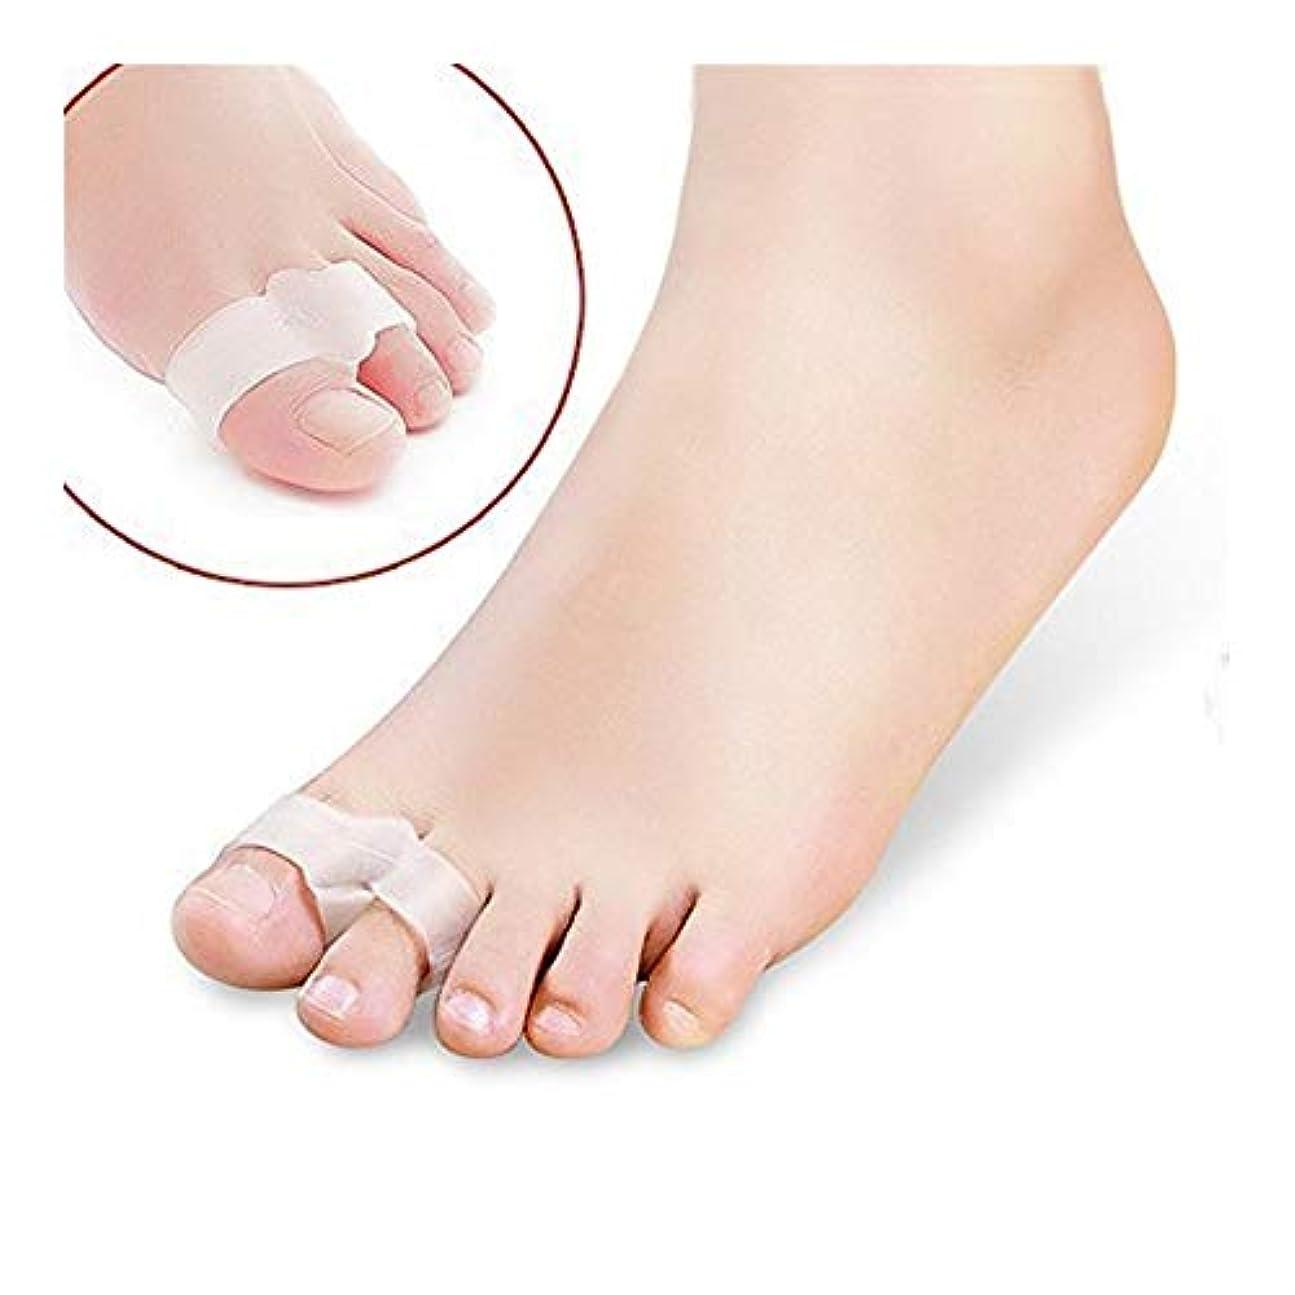 チーフ実験欠乏外反母趾サポーター 親指矯正グッズ 厚型ジェルパッド 足指を広げる 痛み改善 快適歩行 靴下履ける 高品質シリコン制 伸縮性 通気性 男女兼用 [1組] おしゃれ 人気